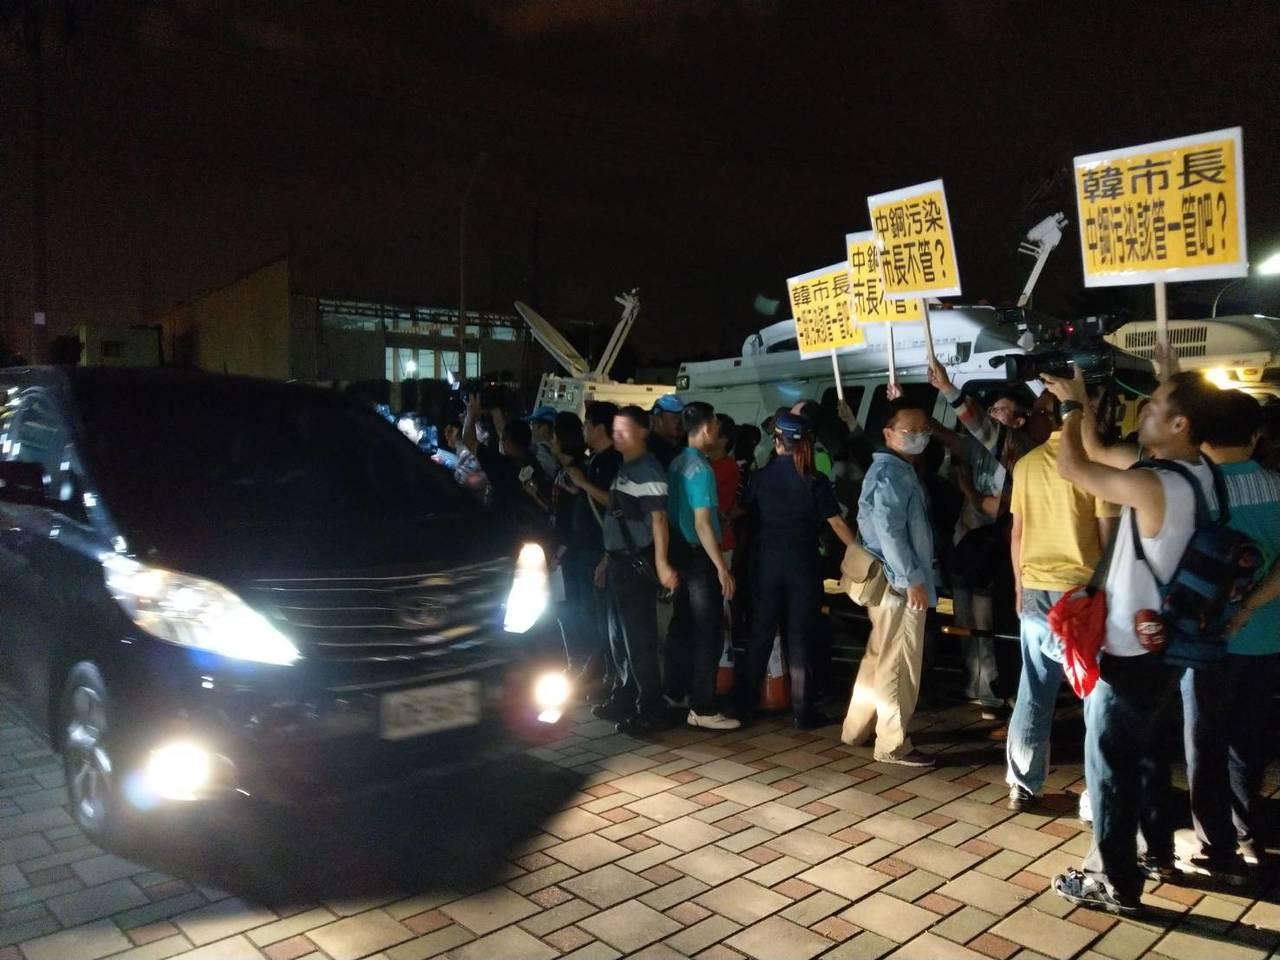 高雄市長韓國瑜今晚8時左右到大林蒲與居民座談,環保團體舉牌抗議中鋼污染,高雄市政...